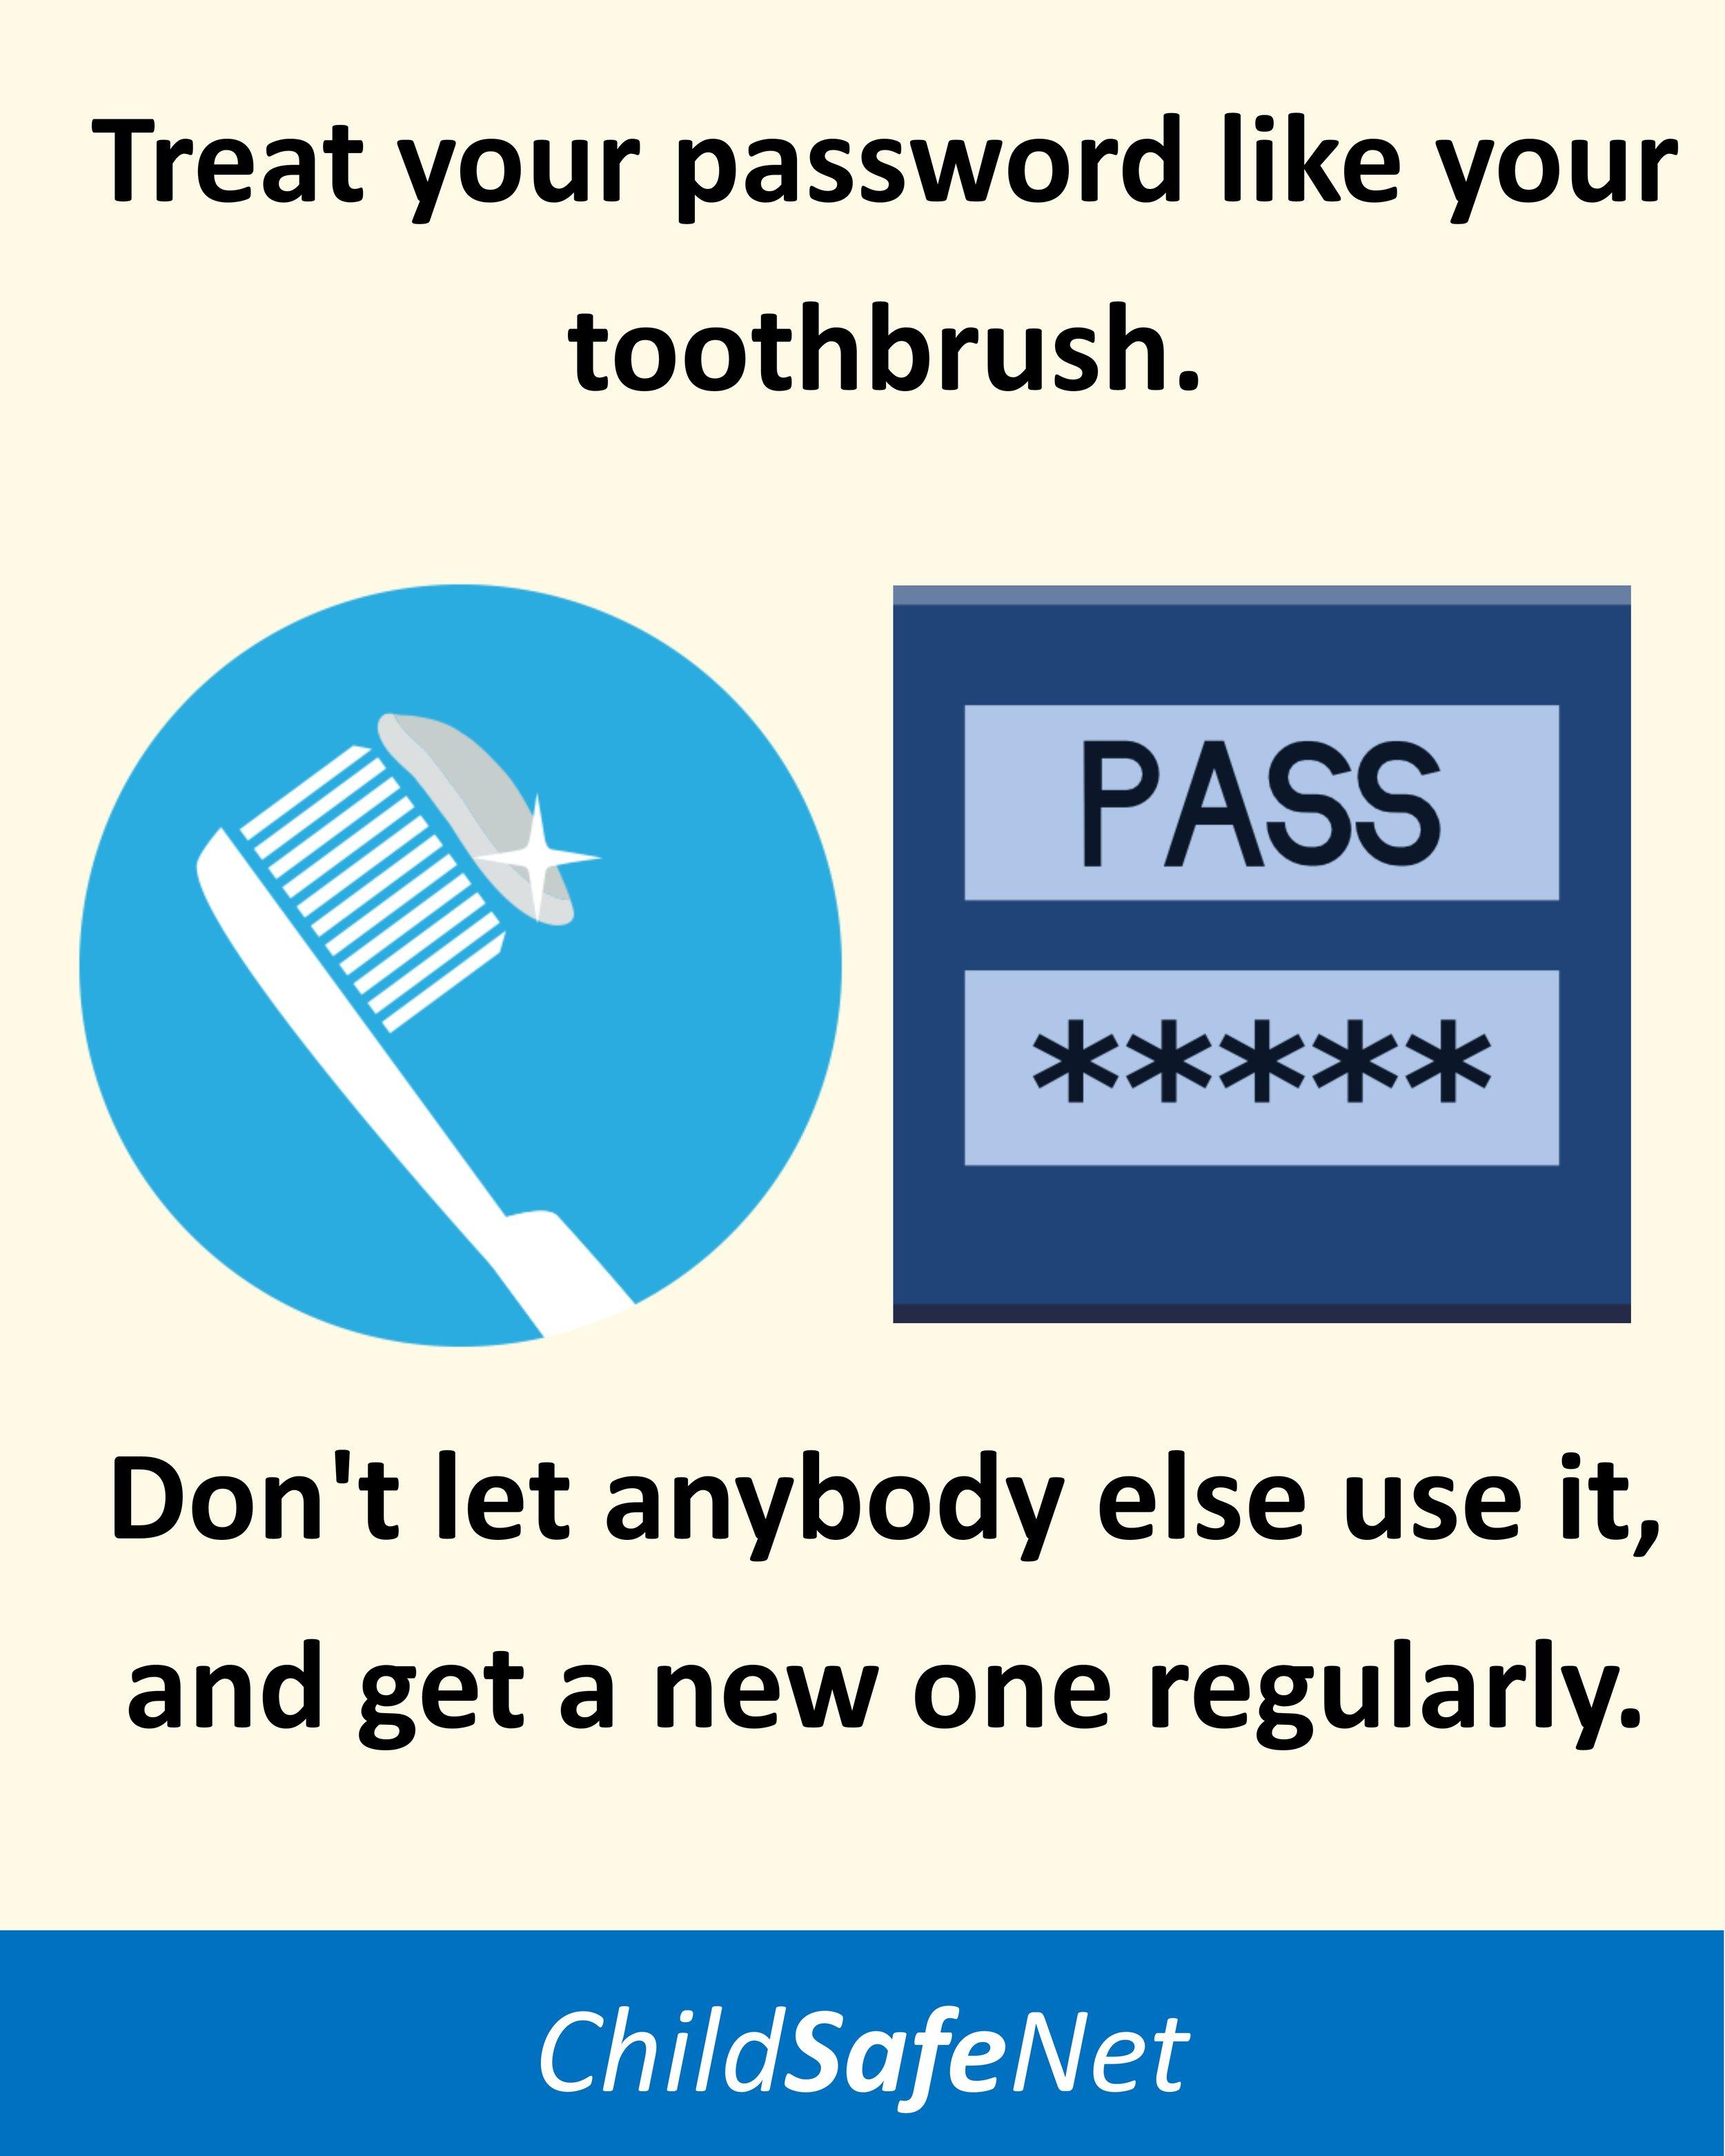 Toothbrush & password.jpg